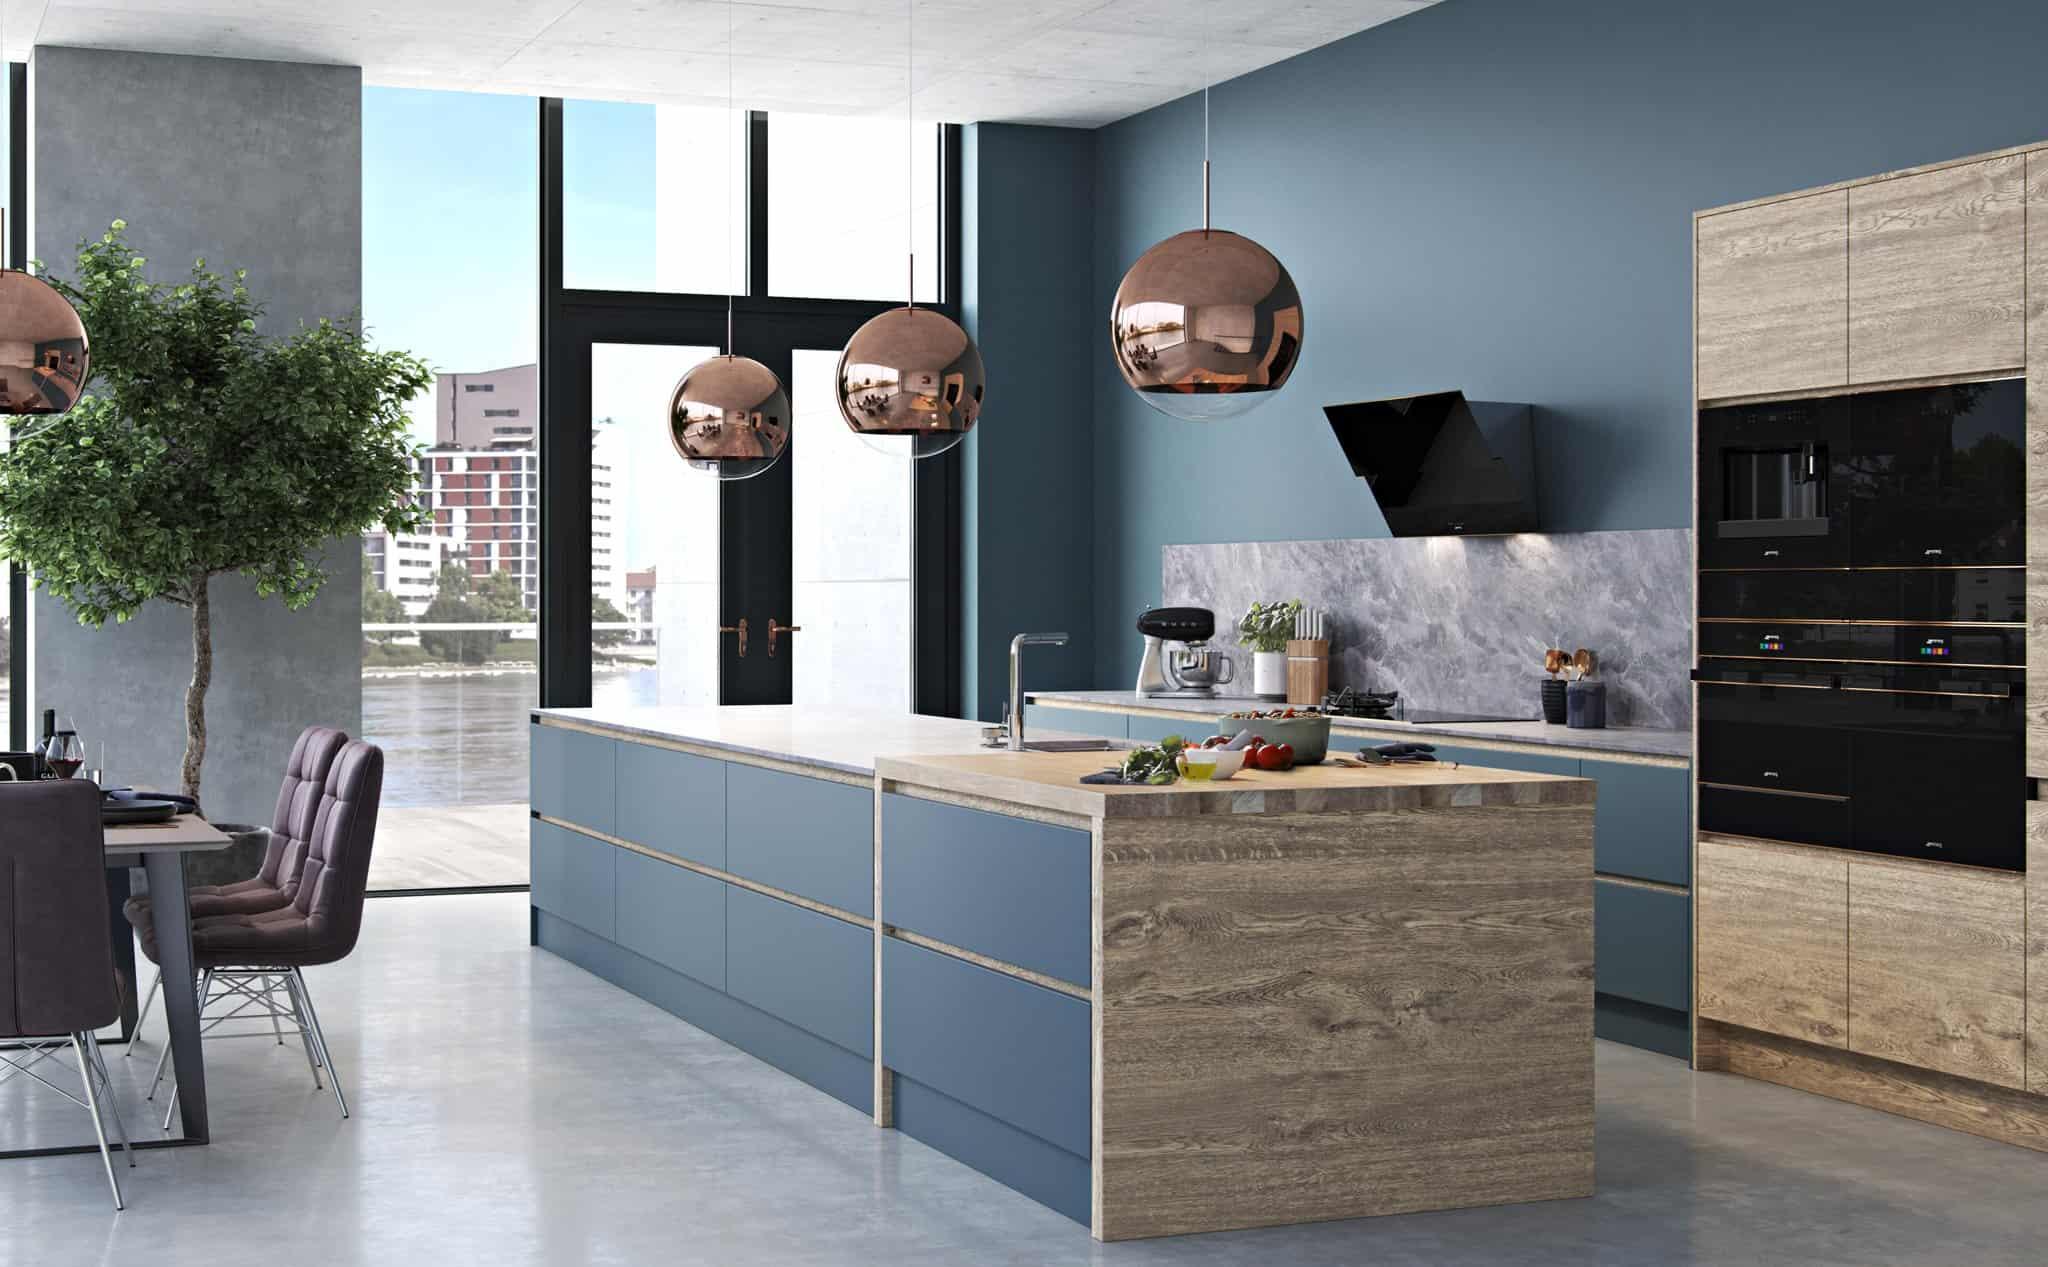 Bộ sưu tập thiết bị bếp Smeg - thương hiệu gia dụng cao cấp từ Ý với những sản phẩm thiết kế tinh tế và công nghệ hiện đại. Sản phẩm hiện được Häfele chính thức phân phối tại Việt Nam.